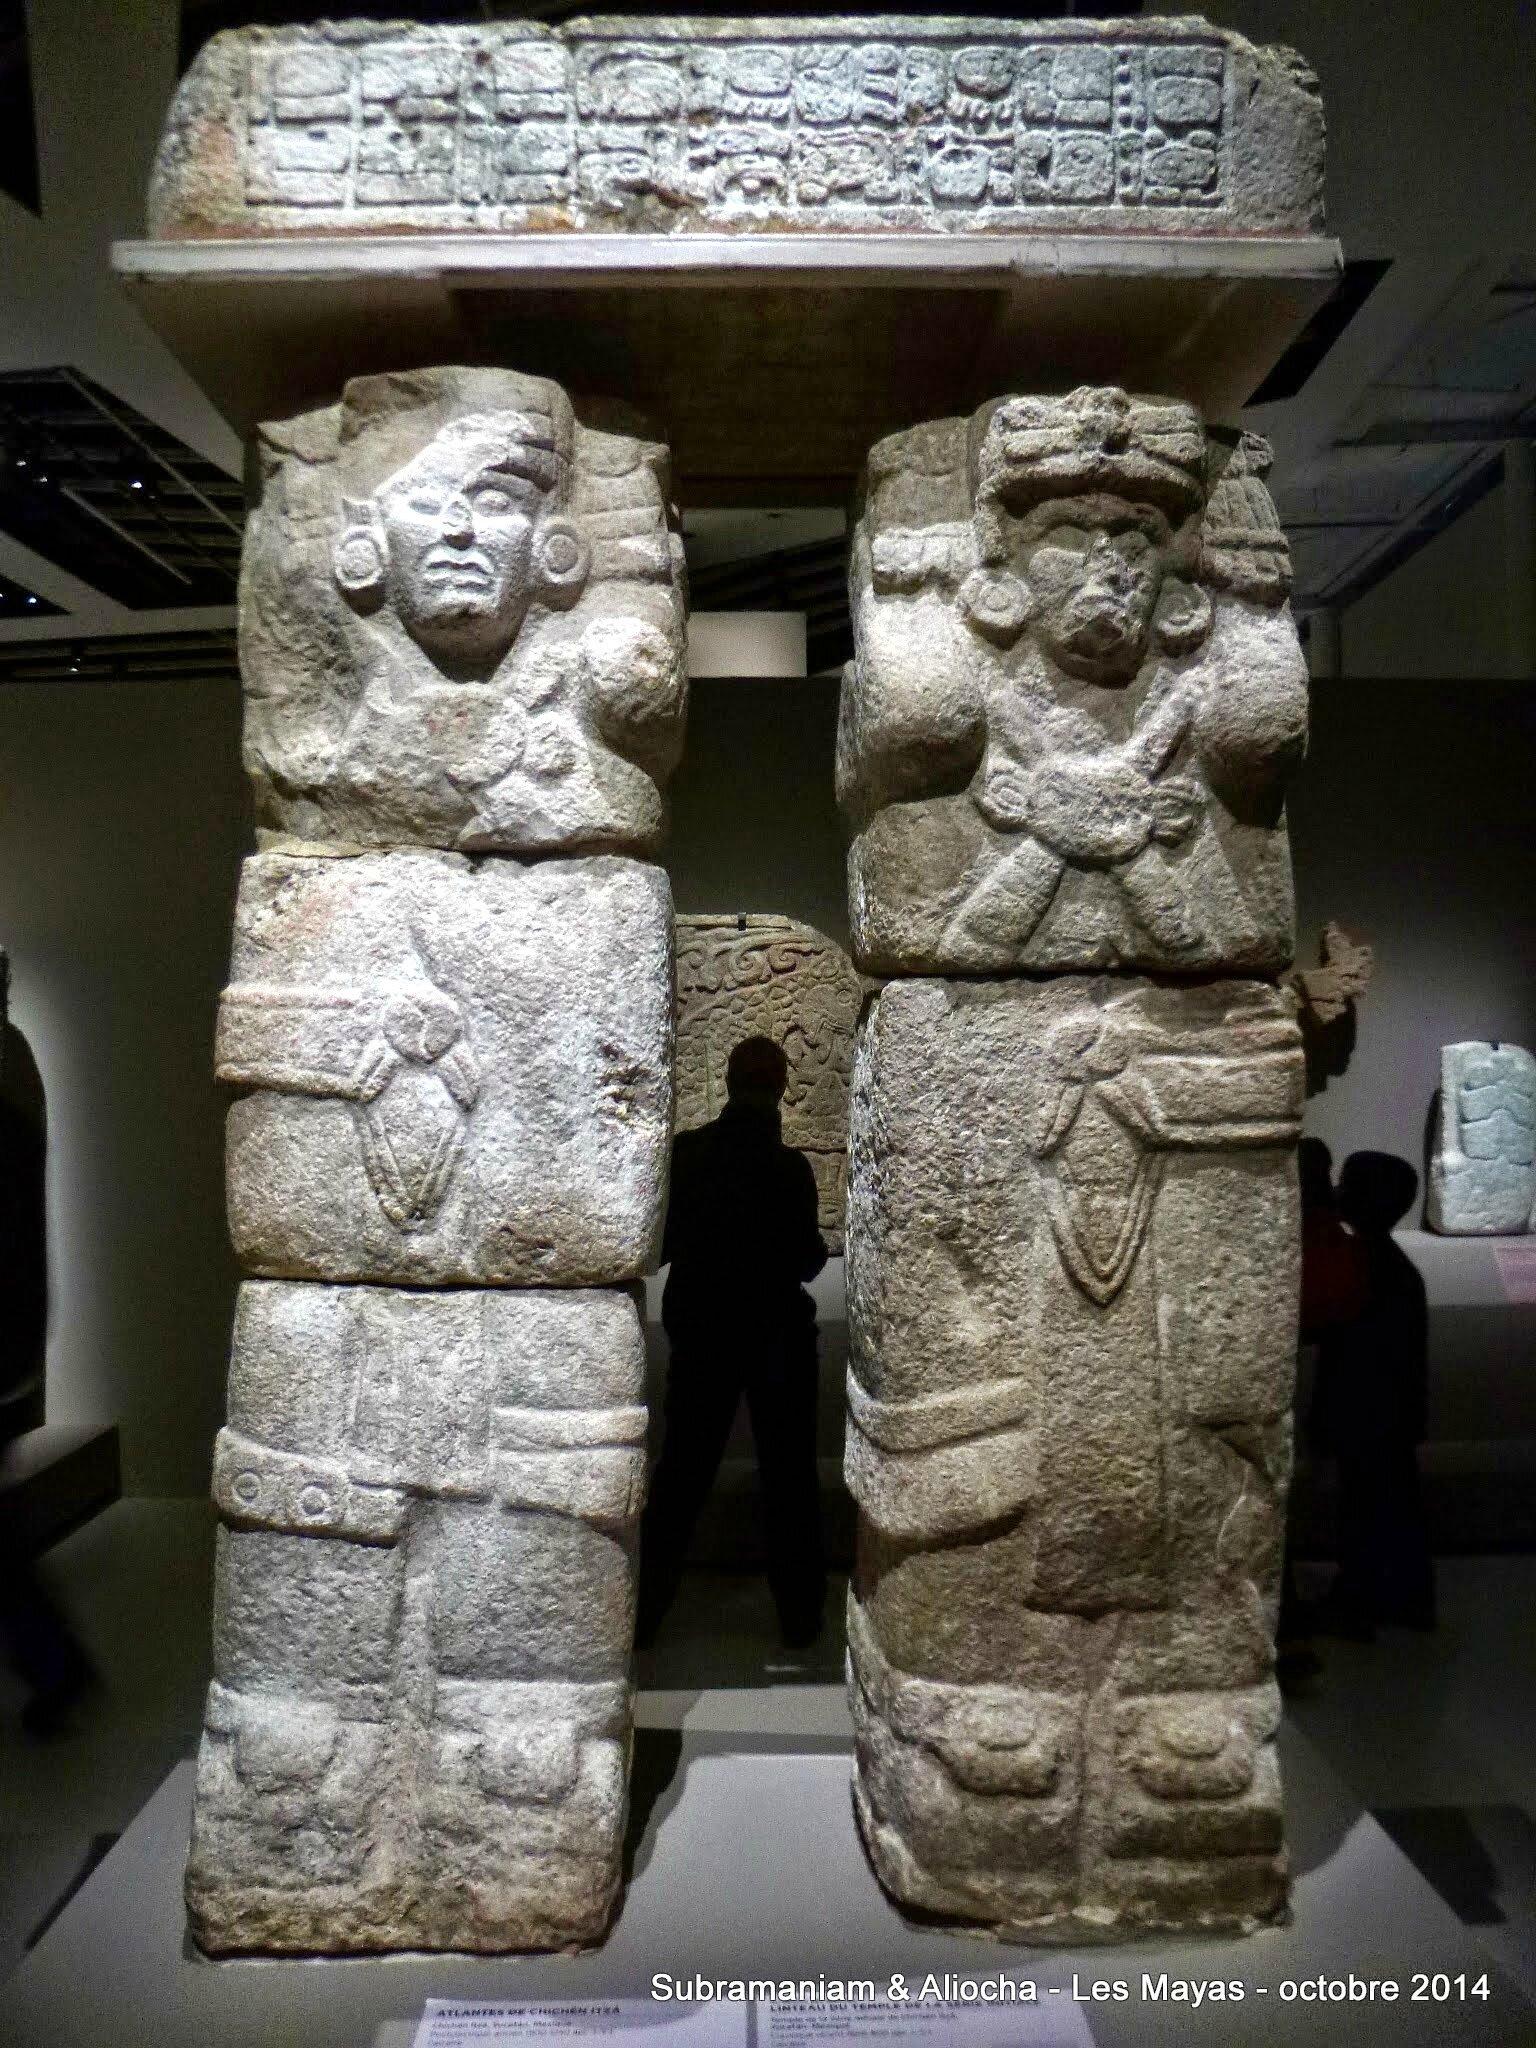 Les Mayas - Musée du Quai Branly à Paris